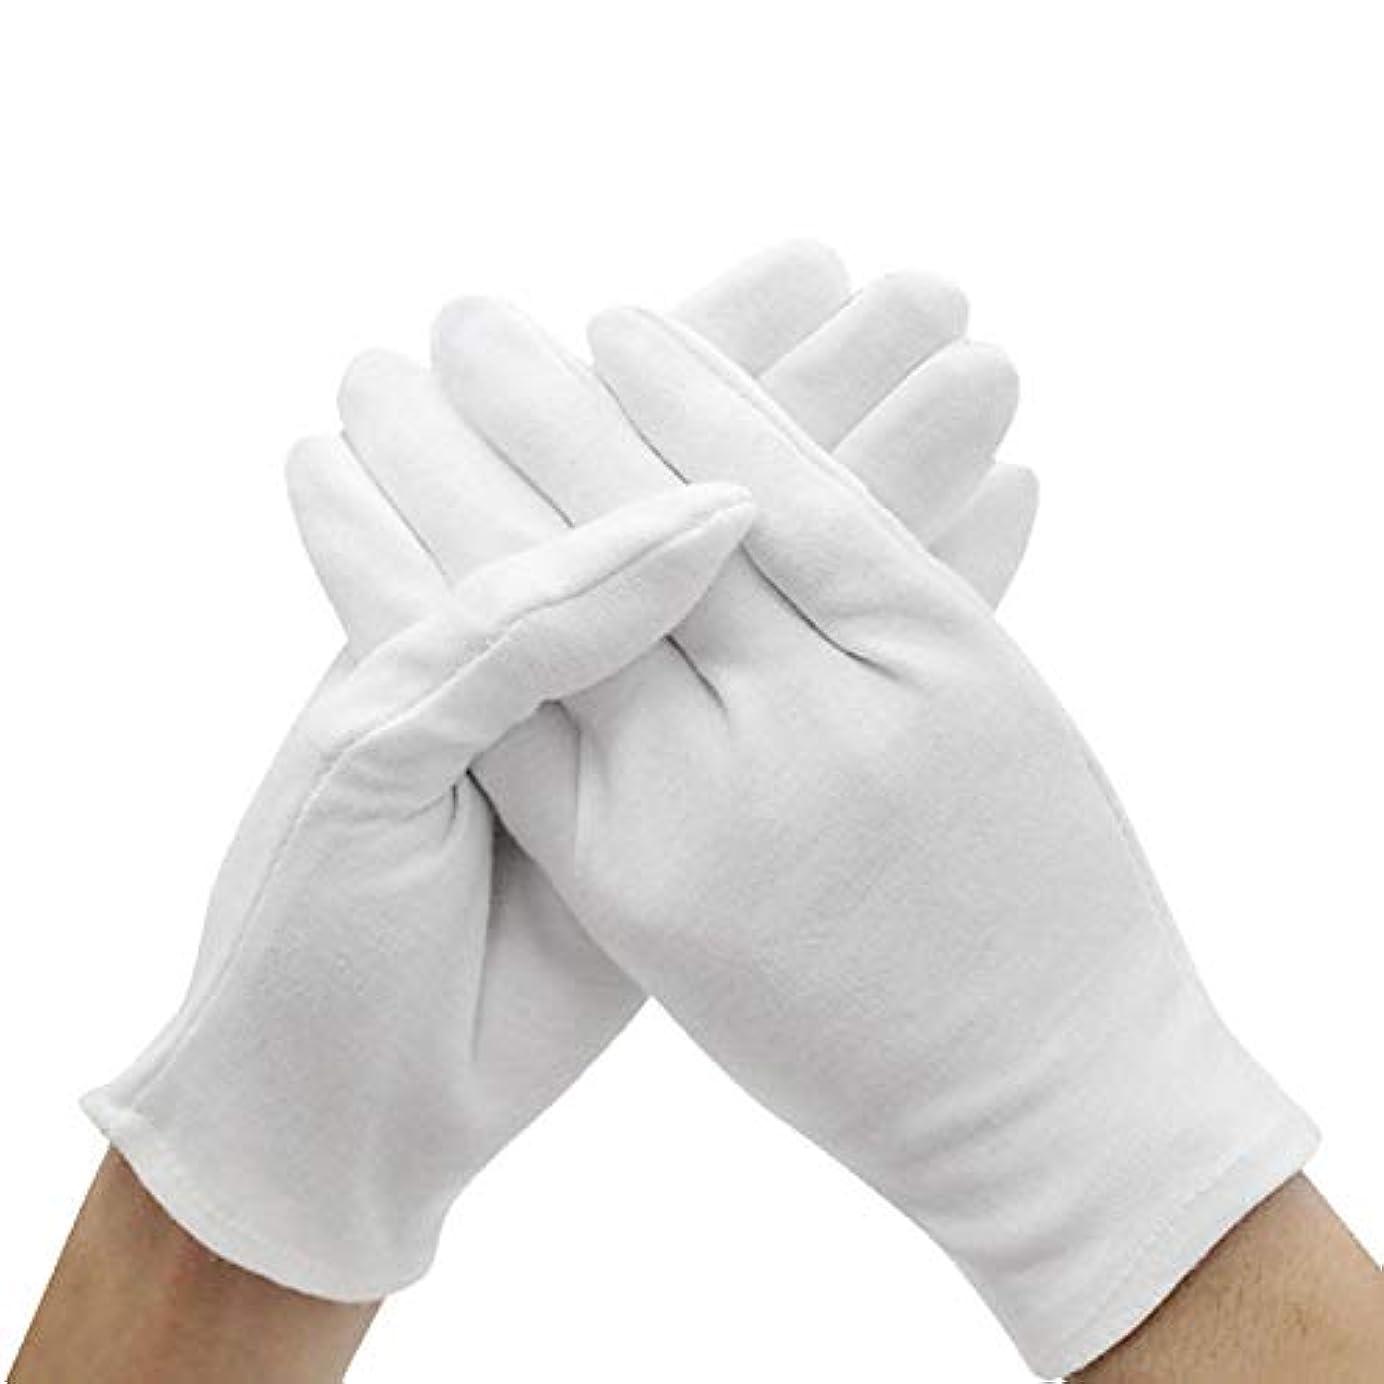 メイド爆風退屈コットン手袋 綿 手荒れ予防 【湿疹用 乾燥肌用 保湿用 礼装用】純綿100% 白手袋 作業用 インナー手袋,ワンサイズ,エチケットの機会